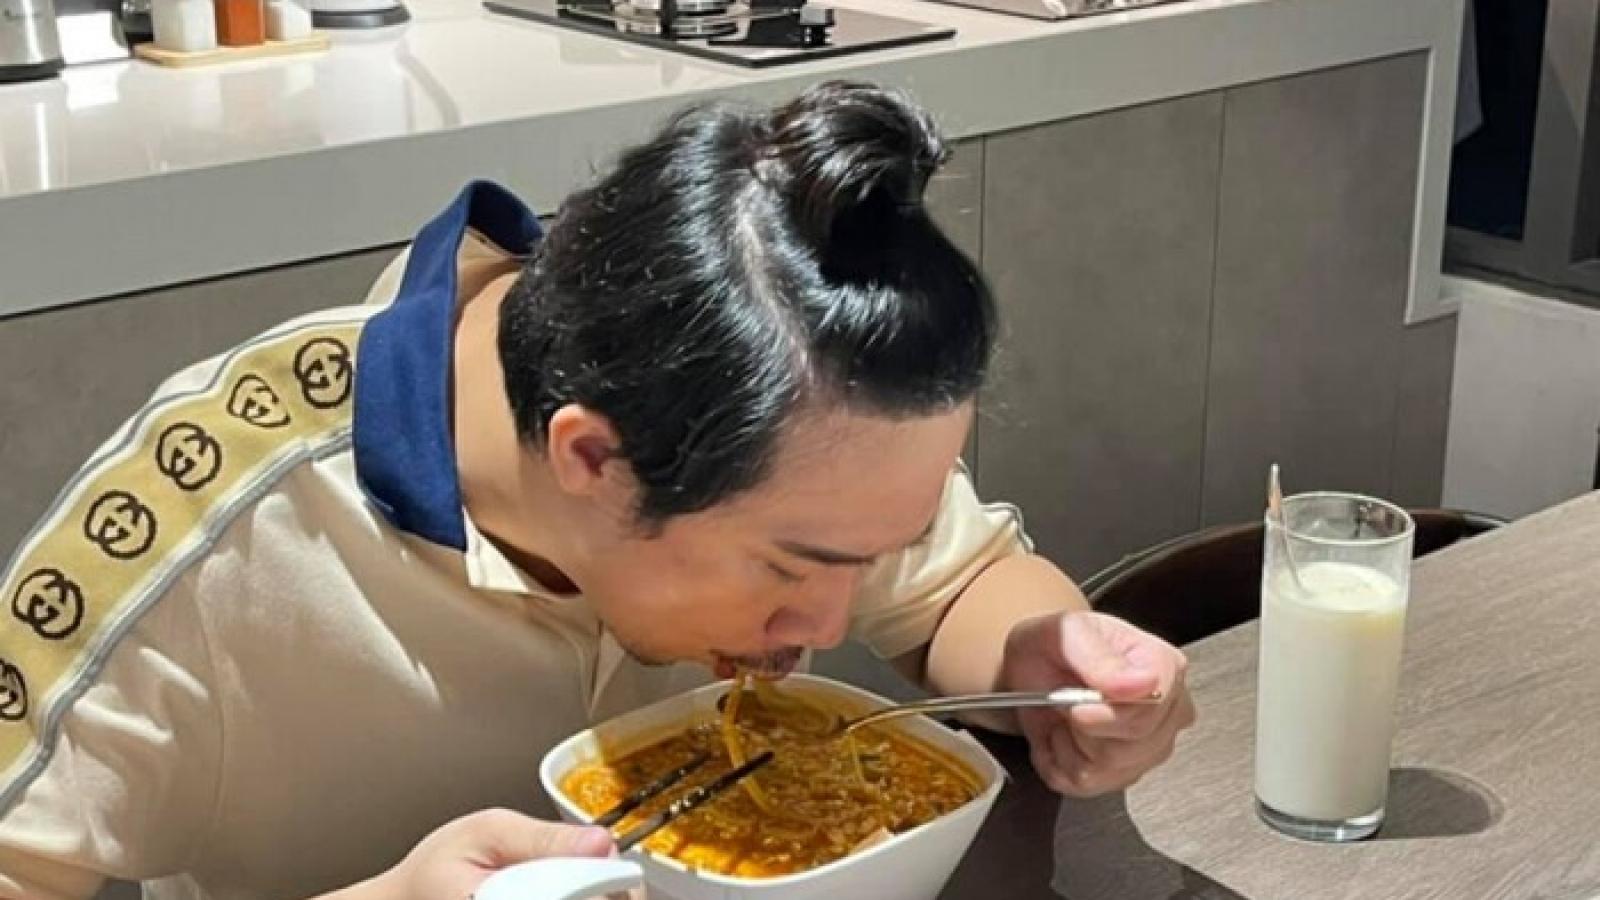 Chuyện showbiz: Hari Won tiết lộ niềm hạnh phúc của Trấn Thành chính là nấu ăn